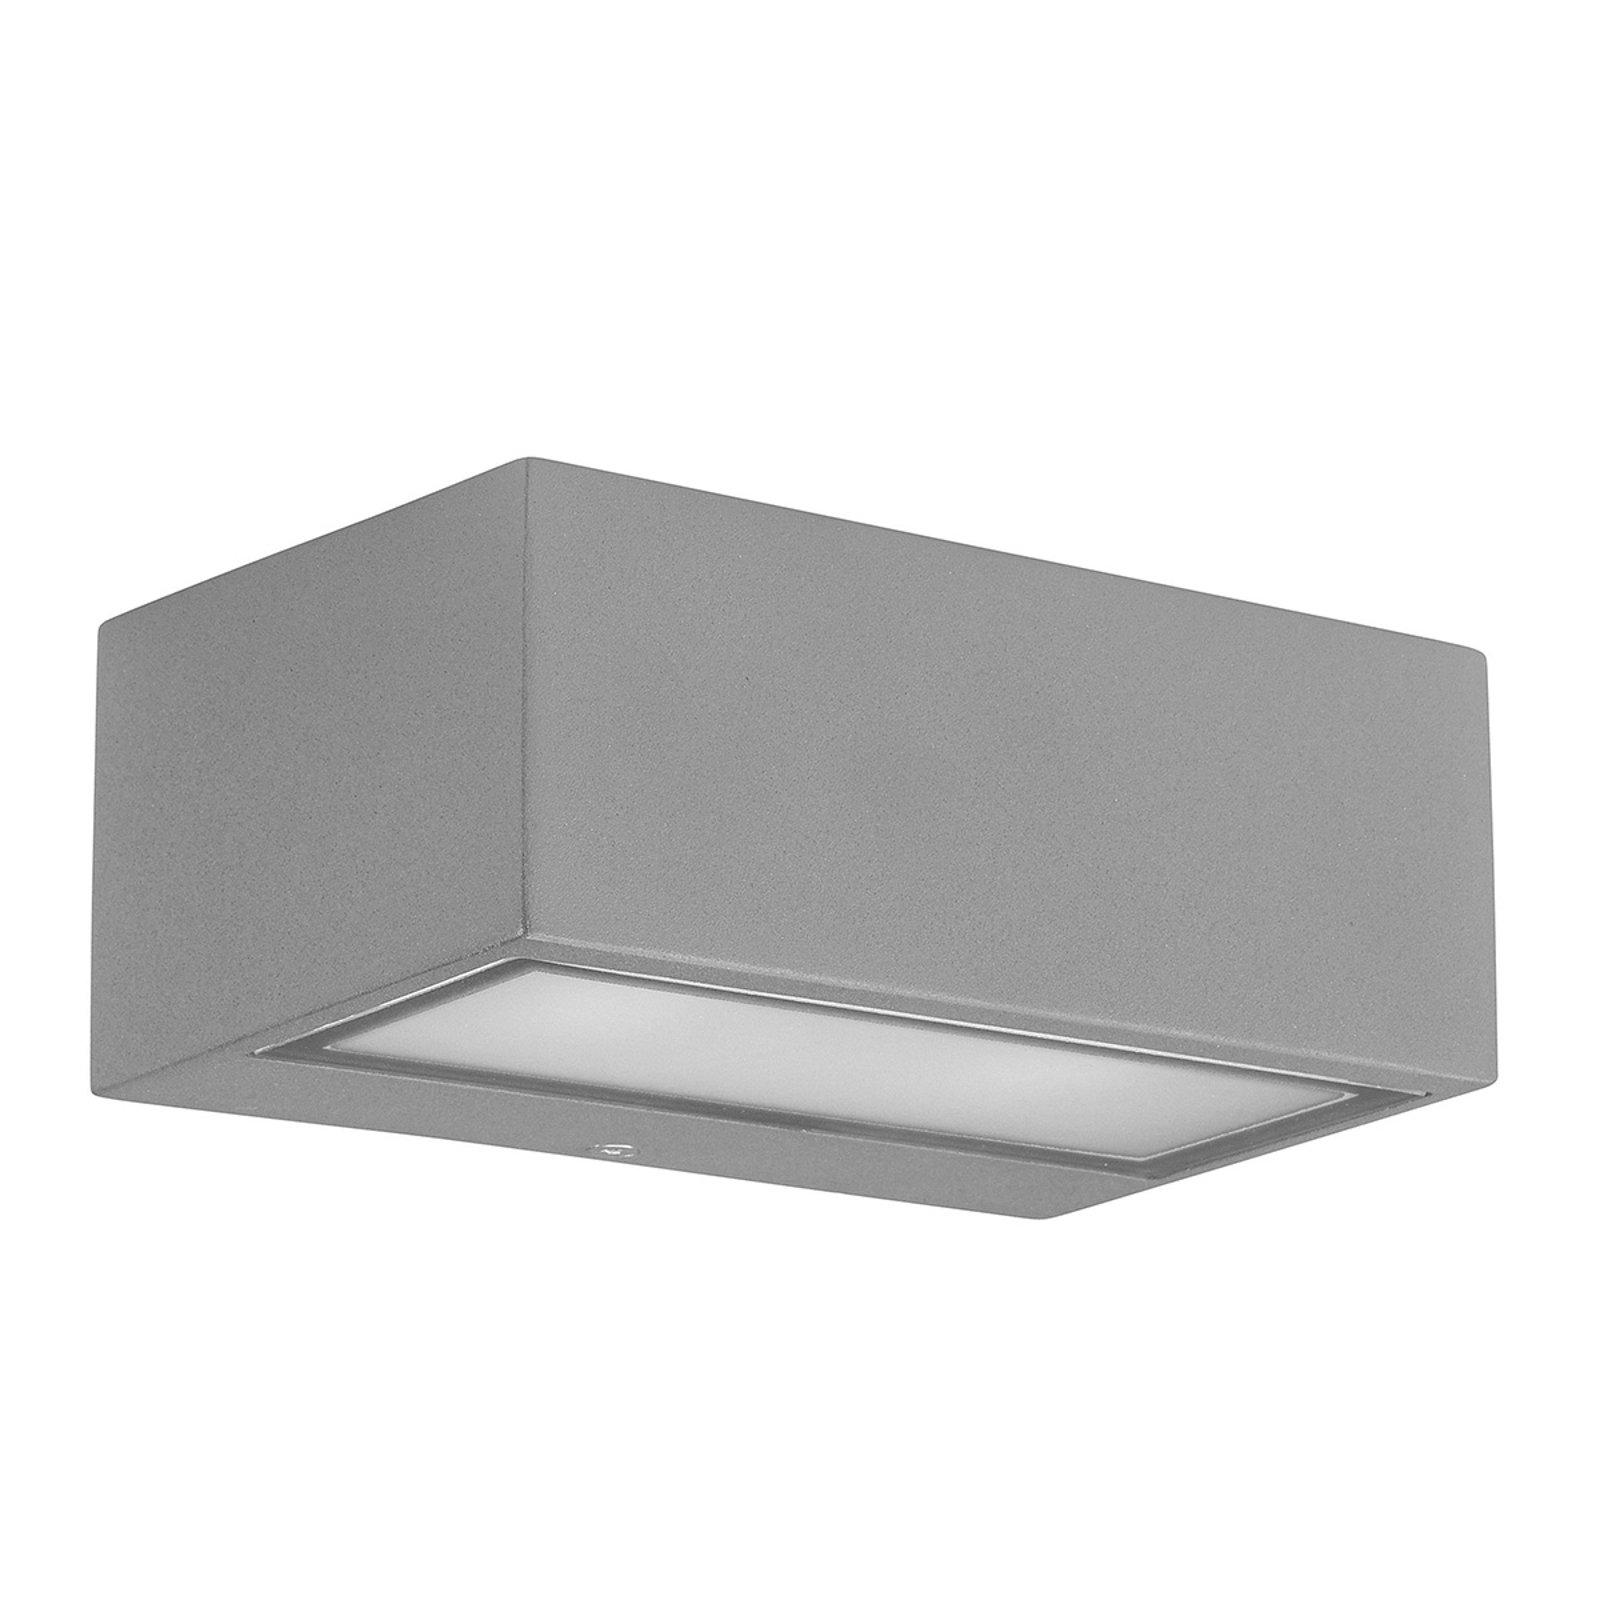 NEMESIS - justerbar utendørs vegglampe, grå